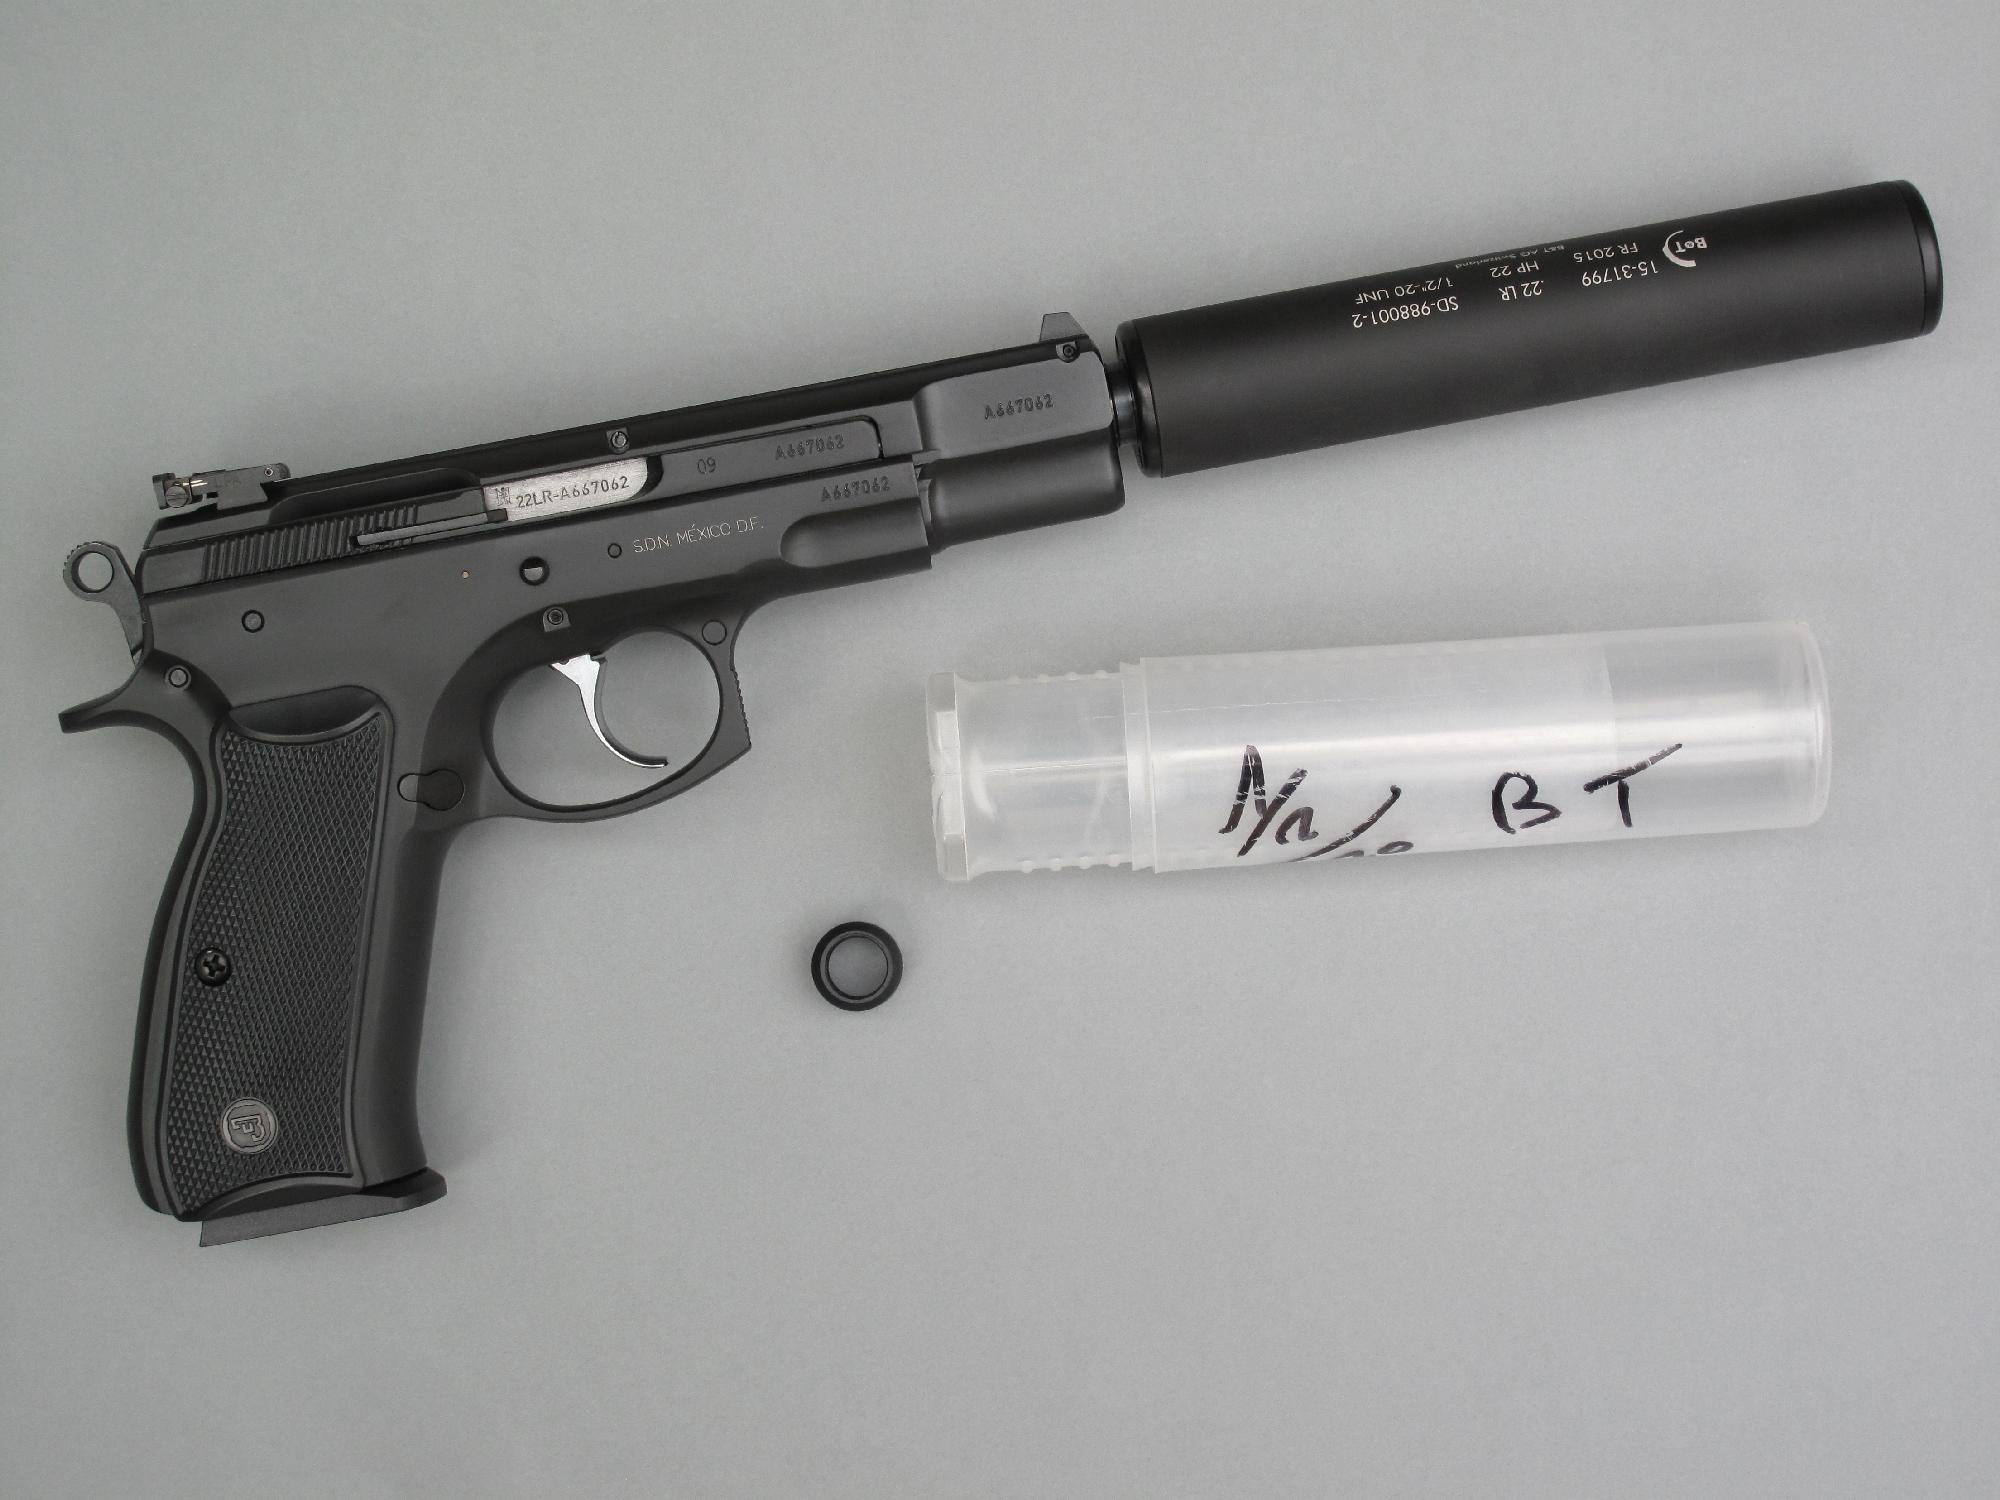 Le modérateur de son Brügger & Thomet présente l'avantage d'être léger en raison de sa fabrication en aluminium. Ainsi équipé, le pistolet CZ-75 Kadet à canon fileté pèse moins de 1200 grammes.